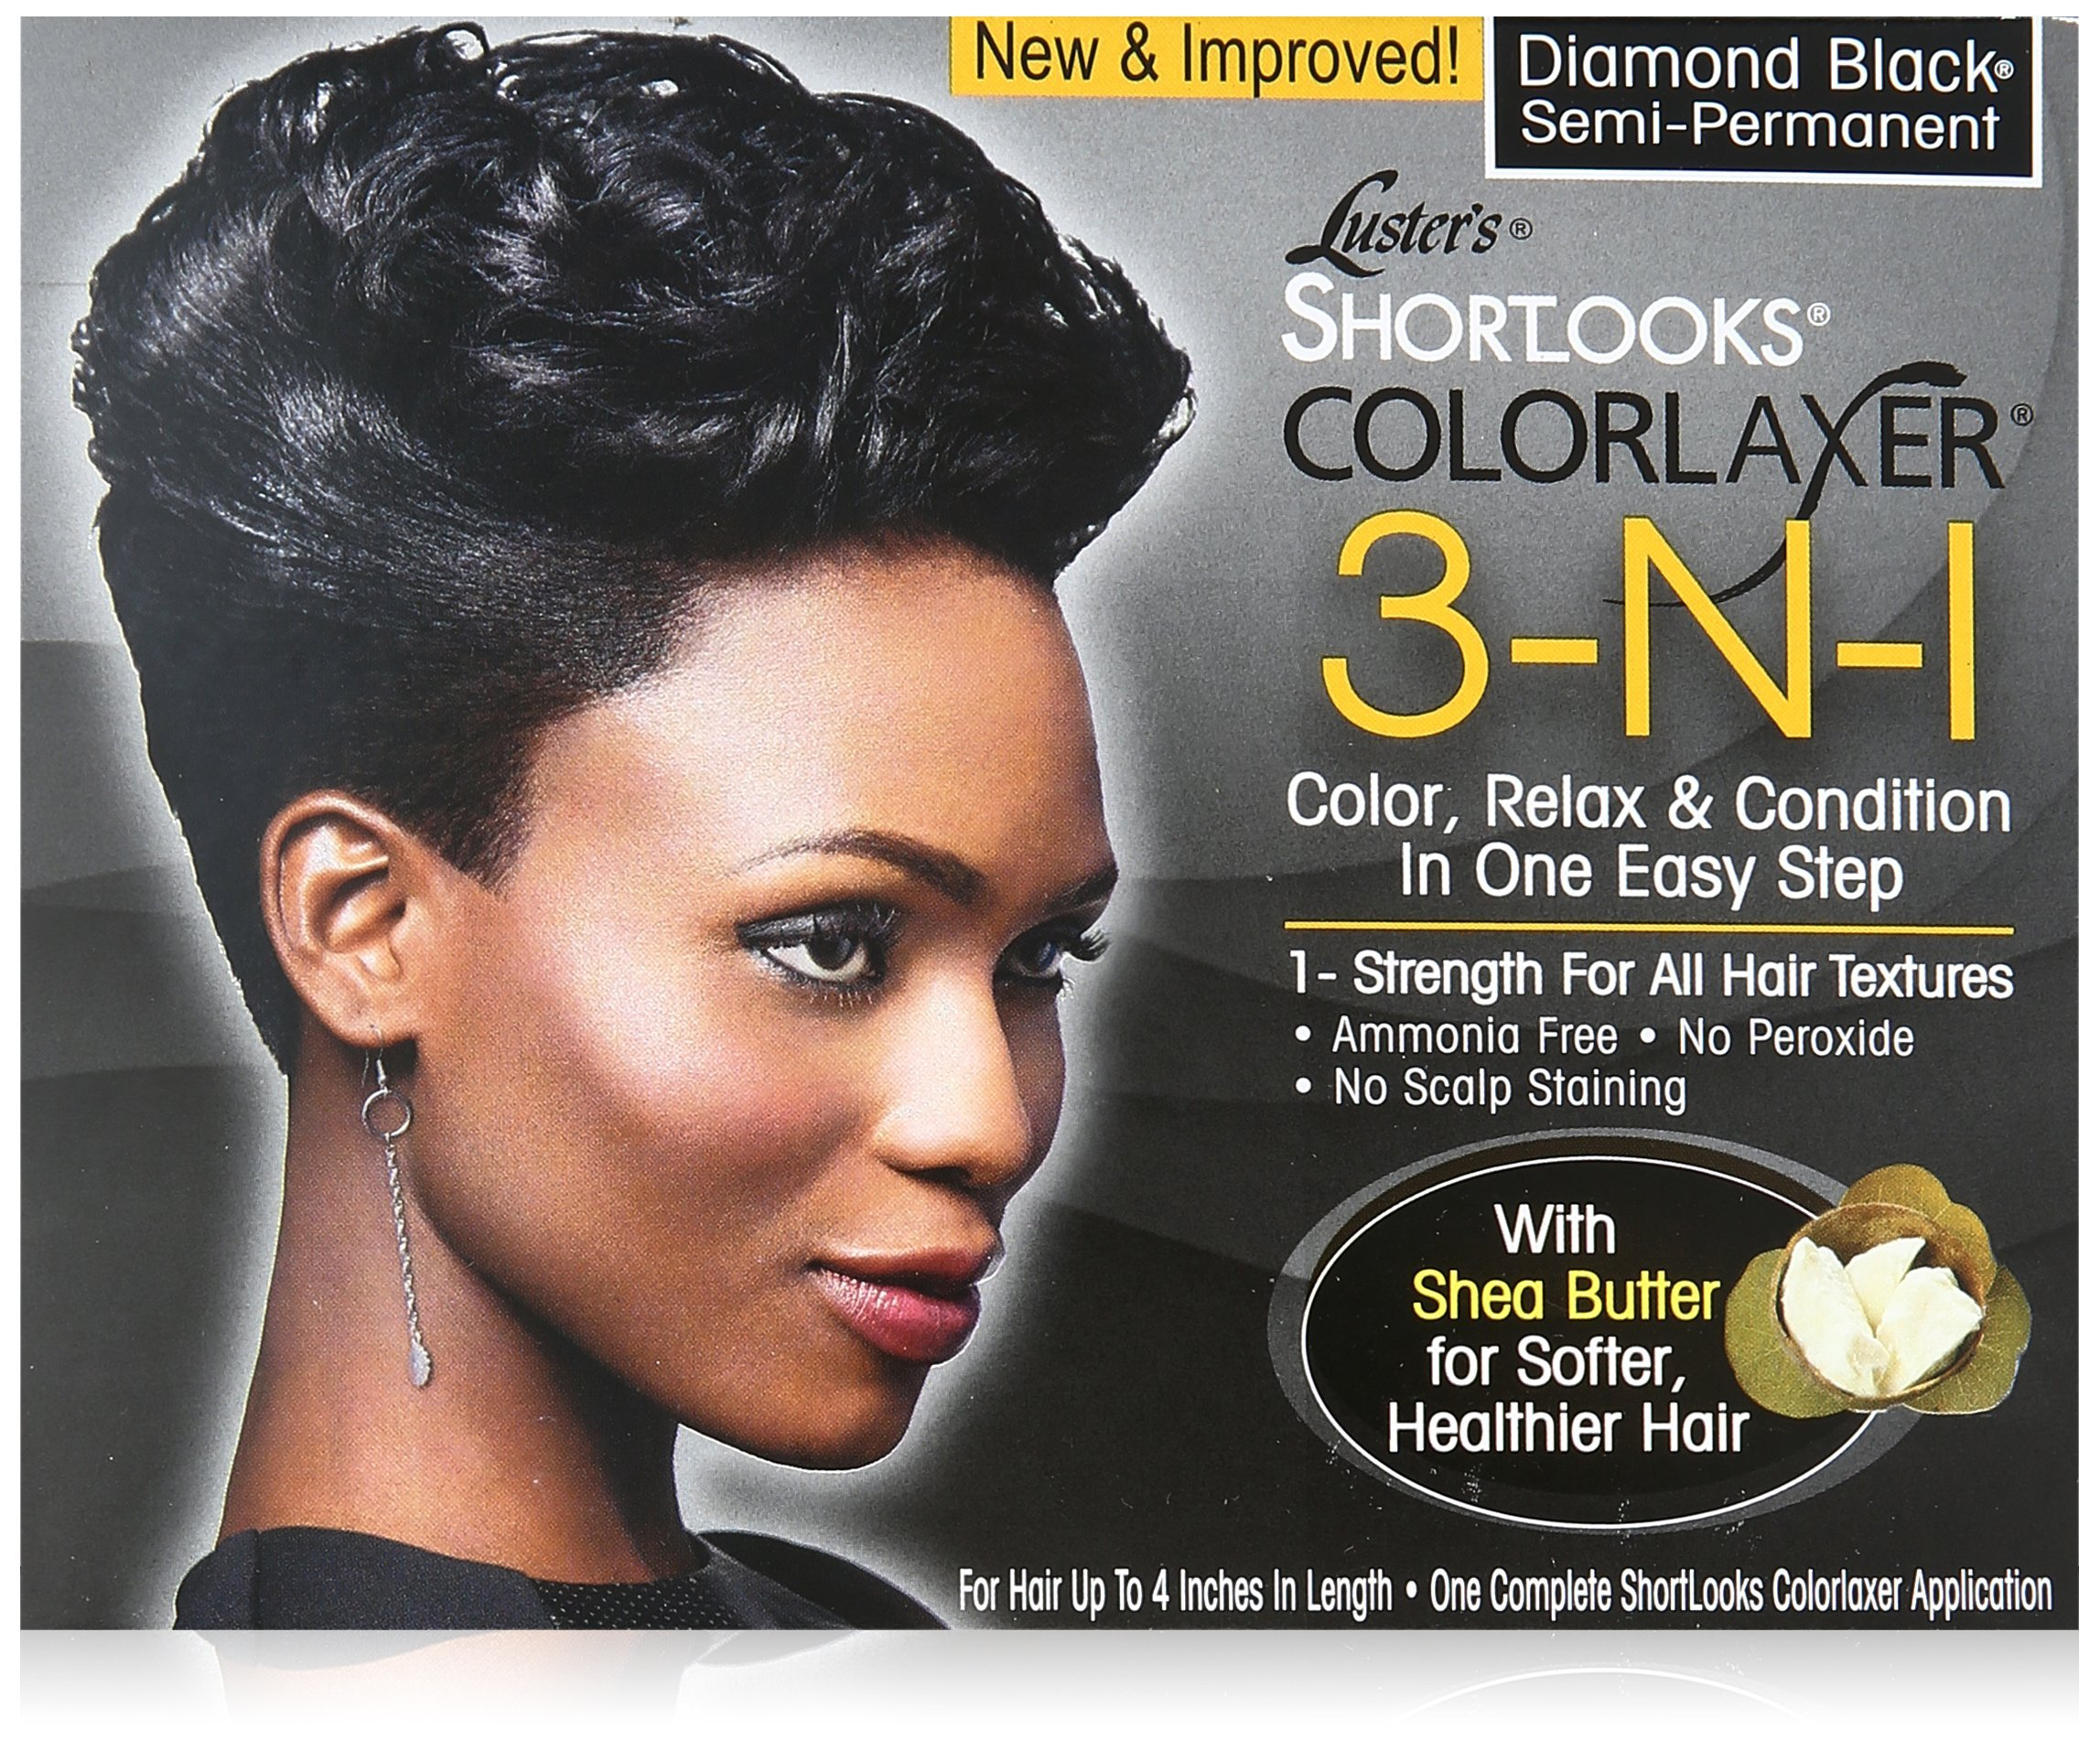 Luster's Shortlooks Color Relaxer 3-n-1 Diamond Black